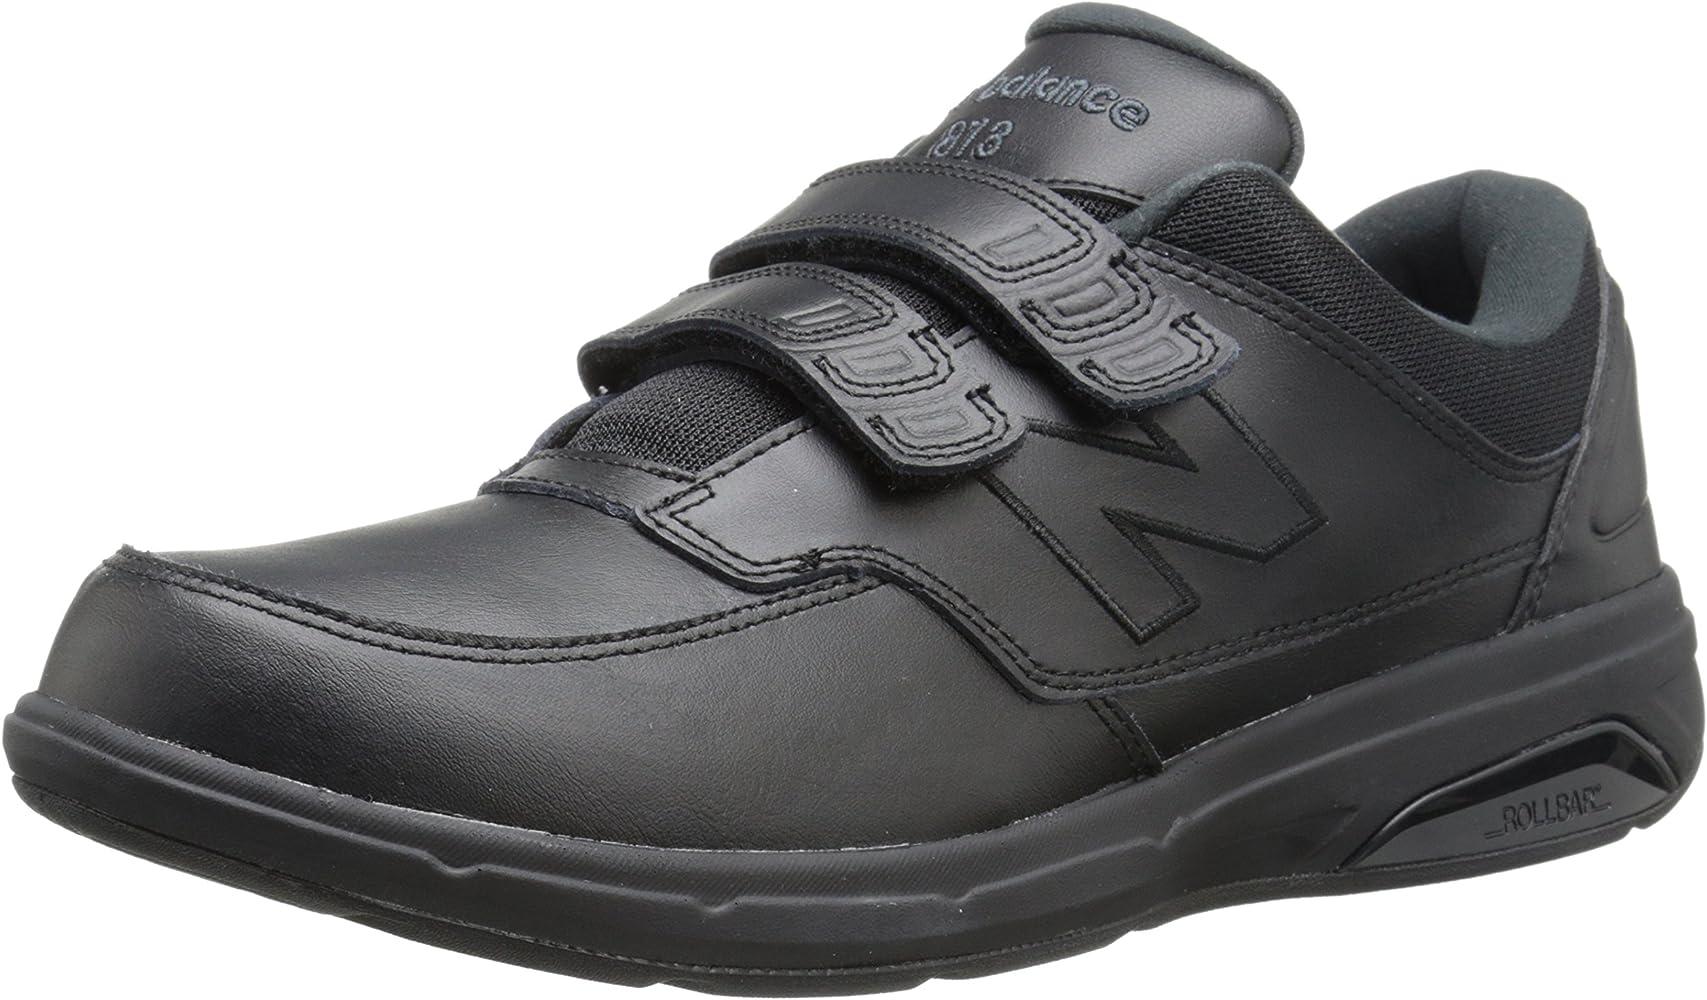 813 Hook and Loop Walking Shoe